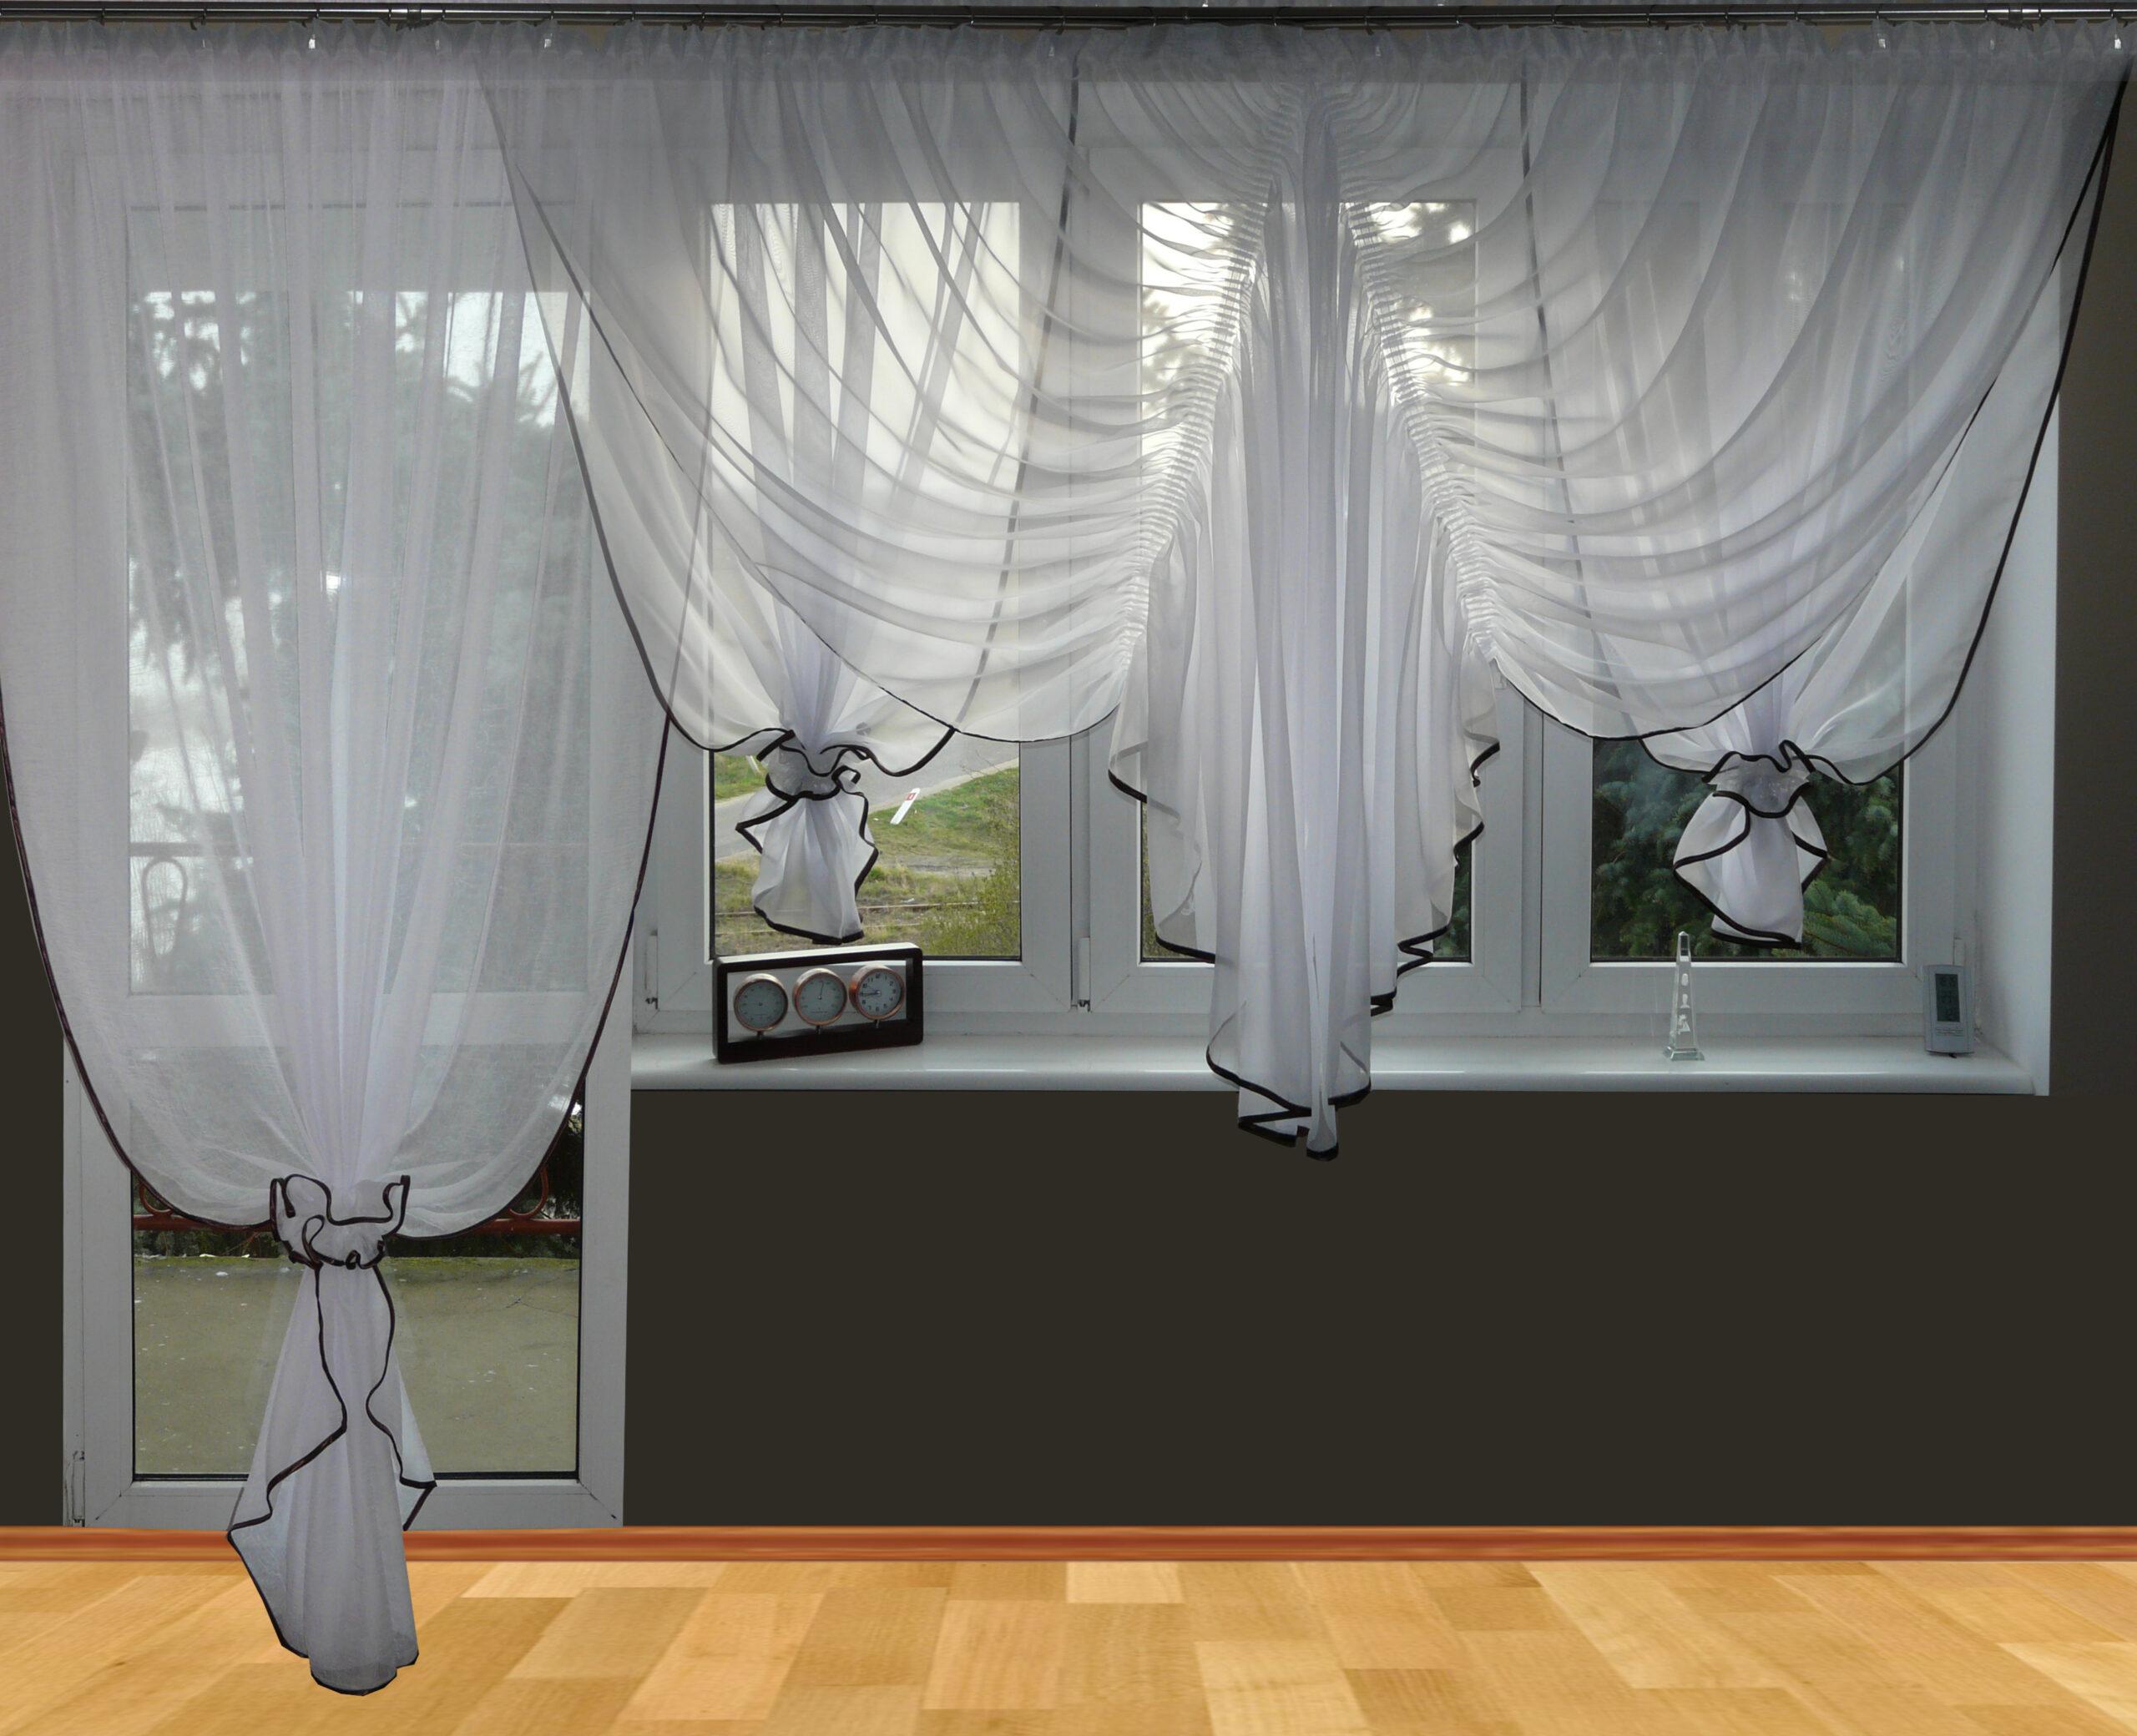 Full Size of Balkontür Gardine Ag16 A Balkon Moderne Fertiggardine Aus Voile Set Schne Gardinen Schlafzimmer Für Küche Fenster Wohnzimmer Scheibengardinen Die Wohnzimmer Balkontür Gardine